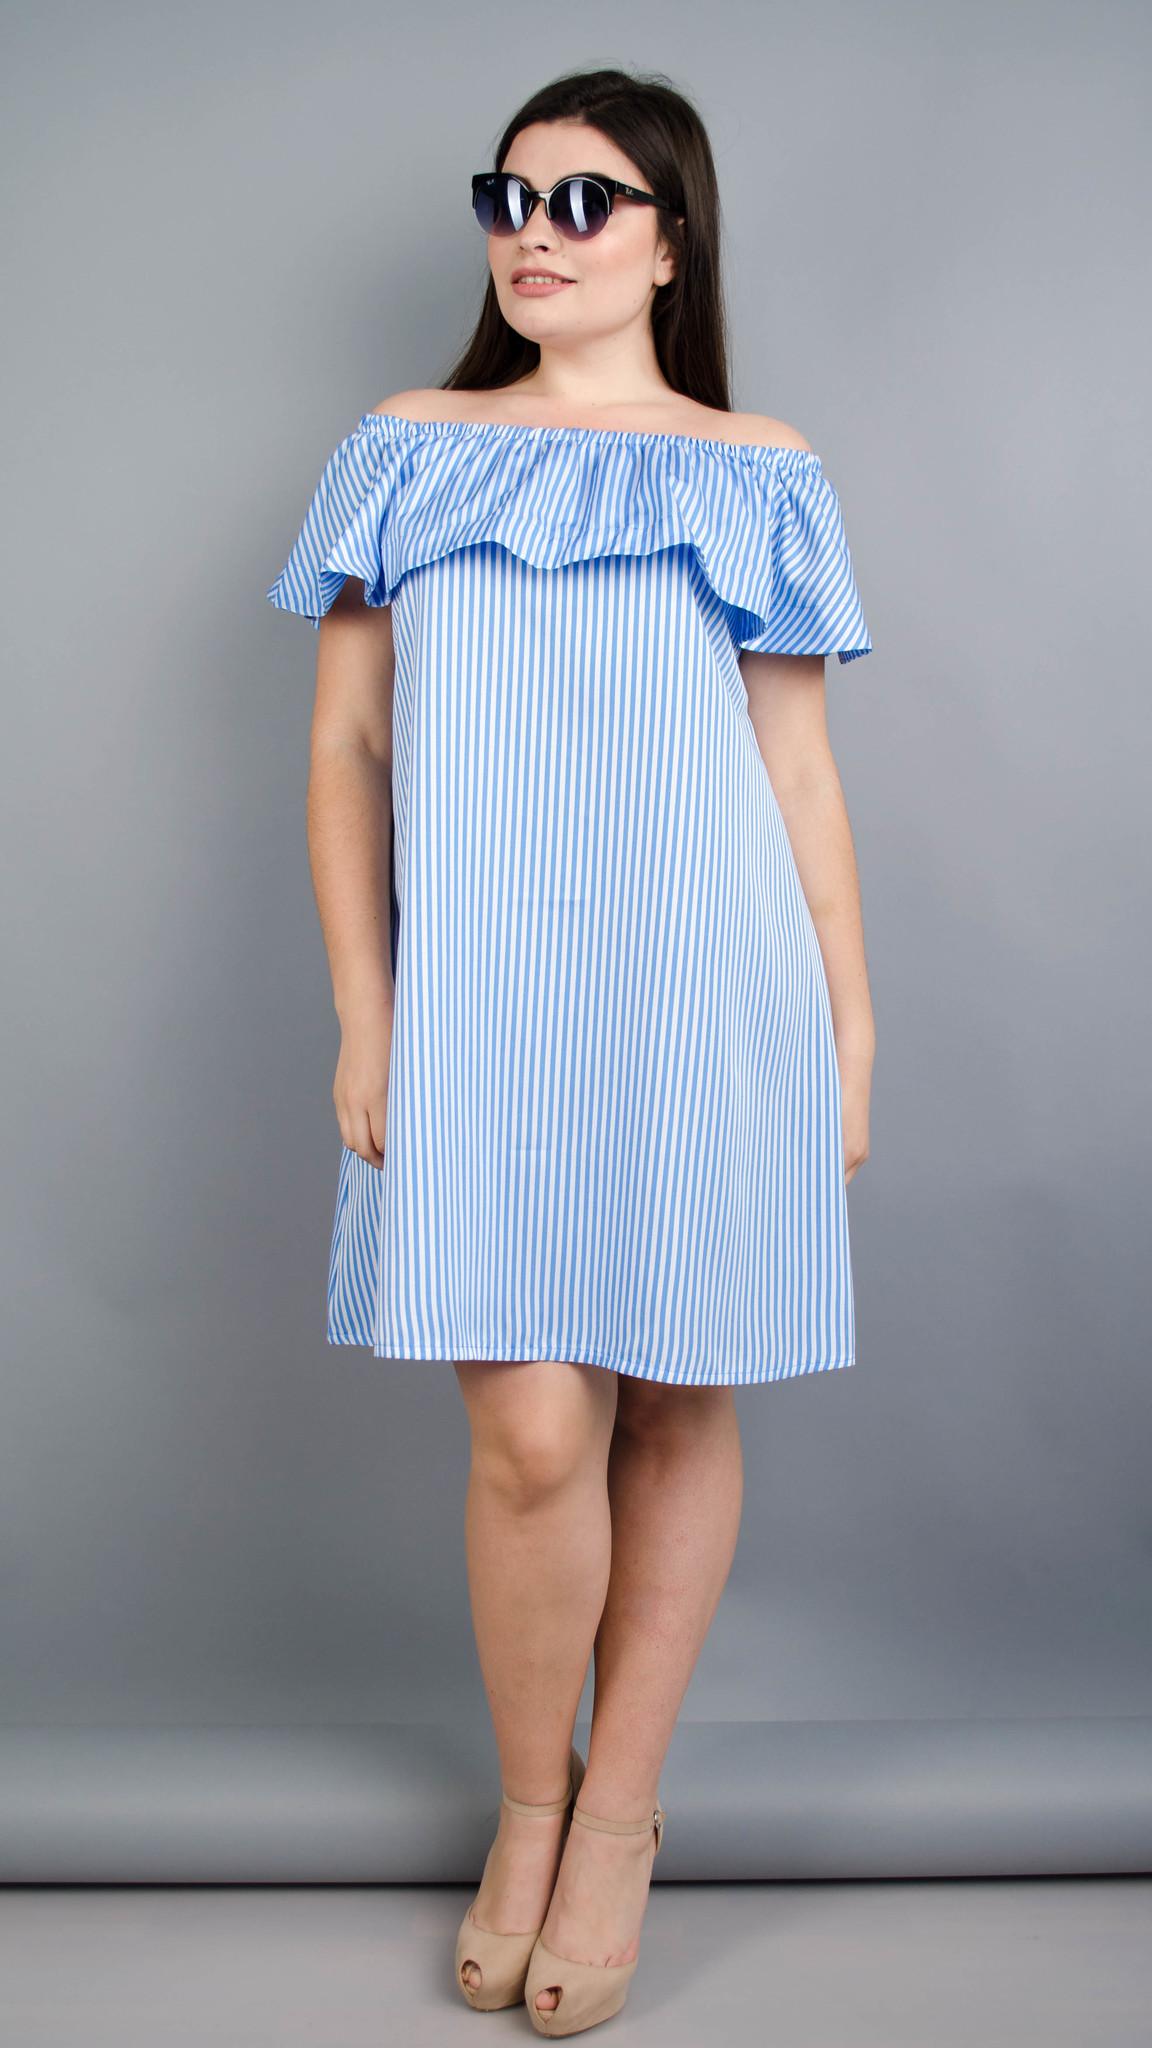 Балі. Модне плаття з воланом великих розмірів. Блакитна смужка.